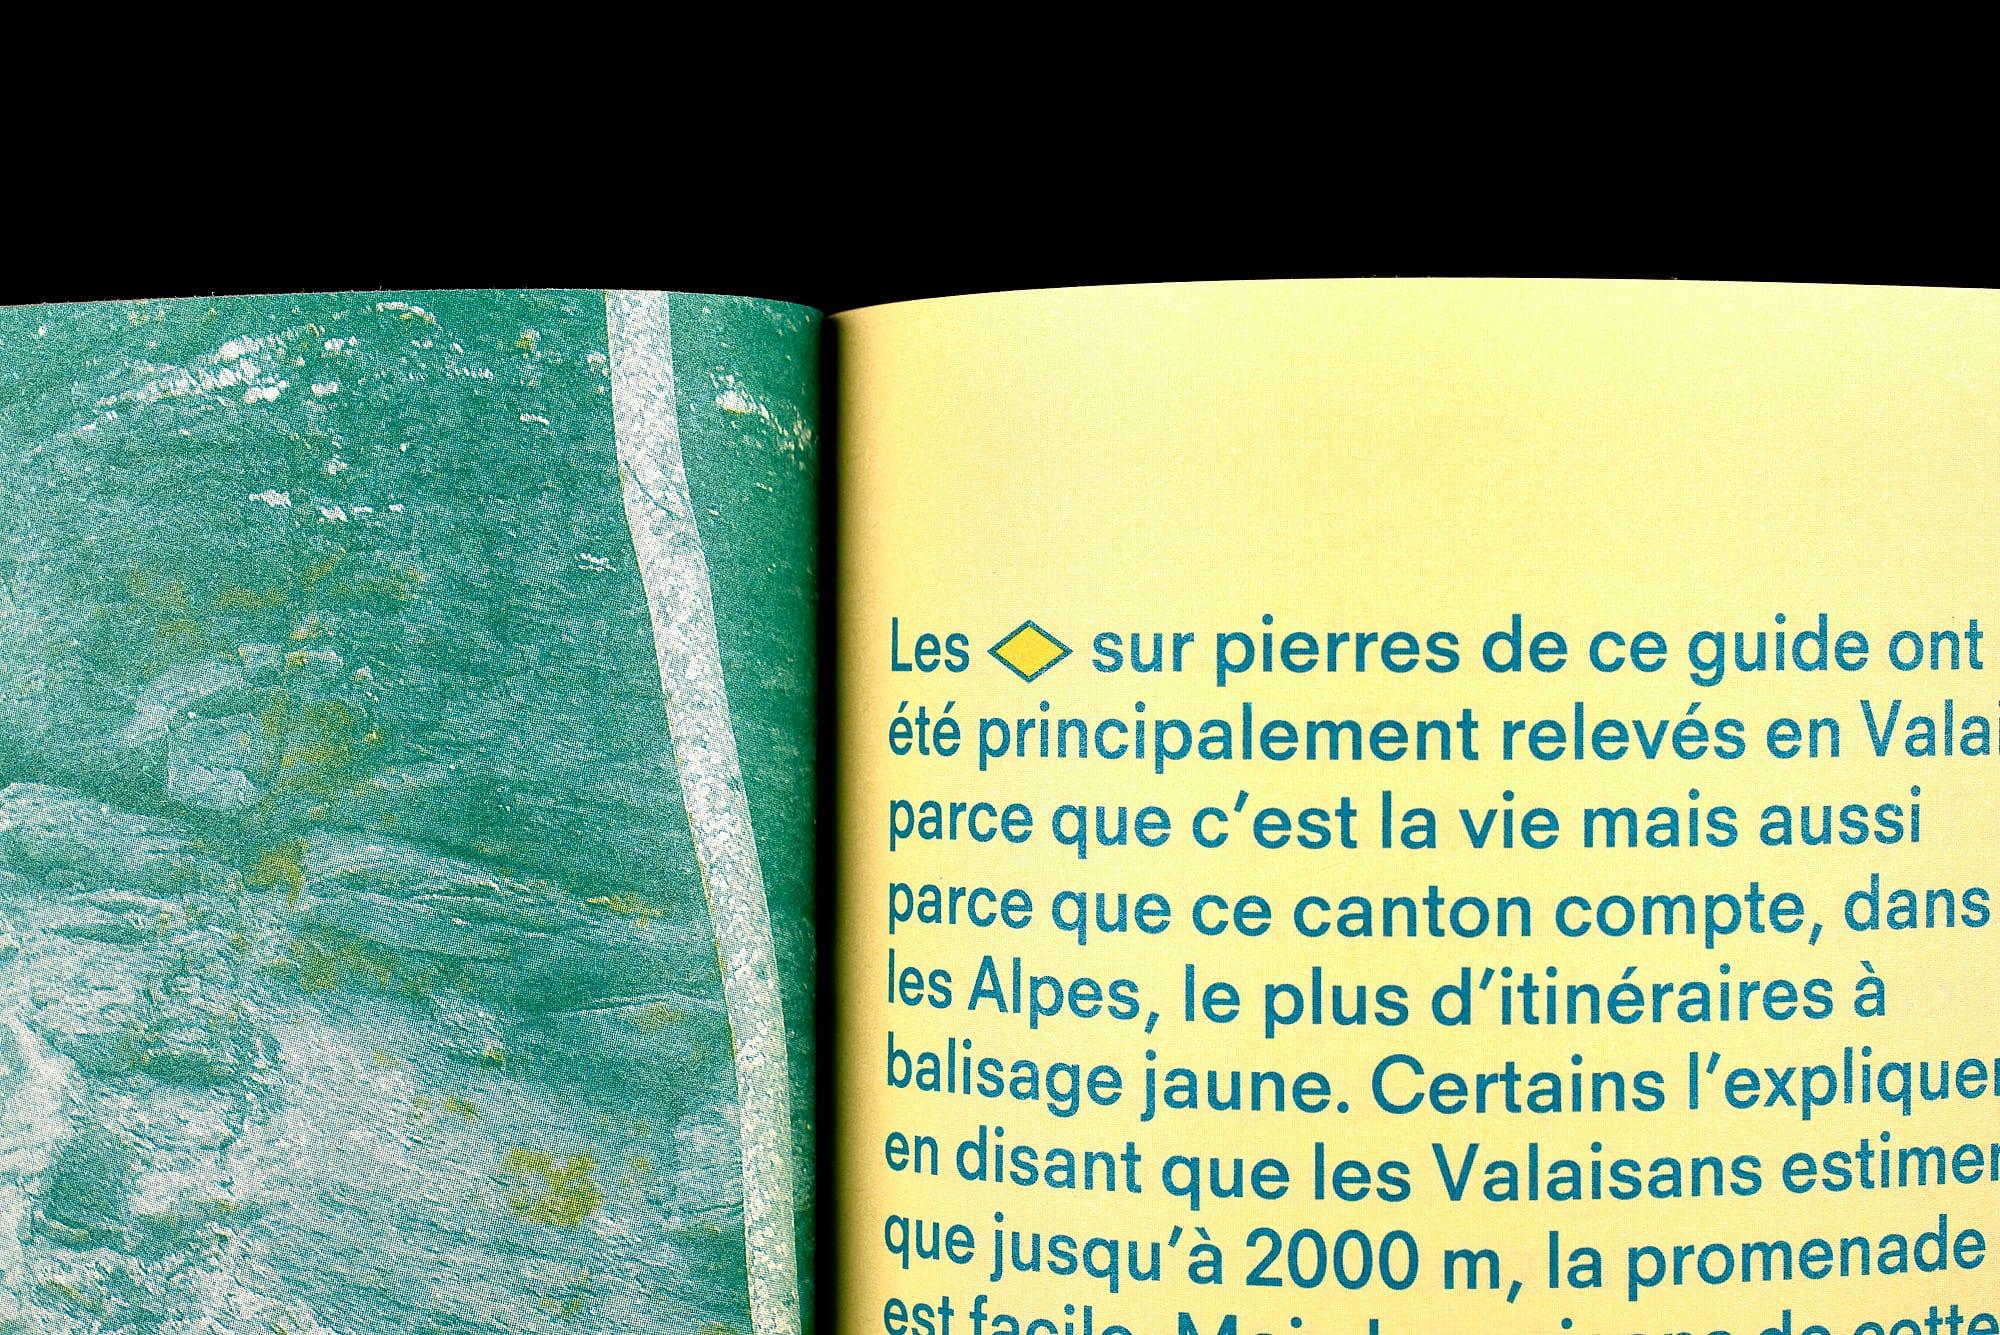 BB02 Losanges sur pierres des Alpes suisses - pages 28-29, détail